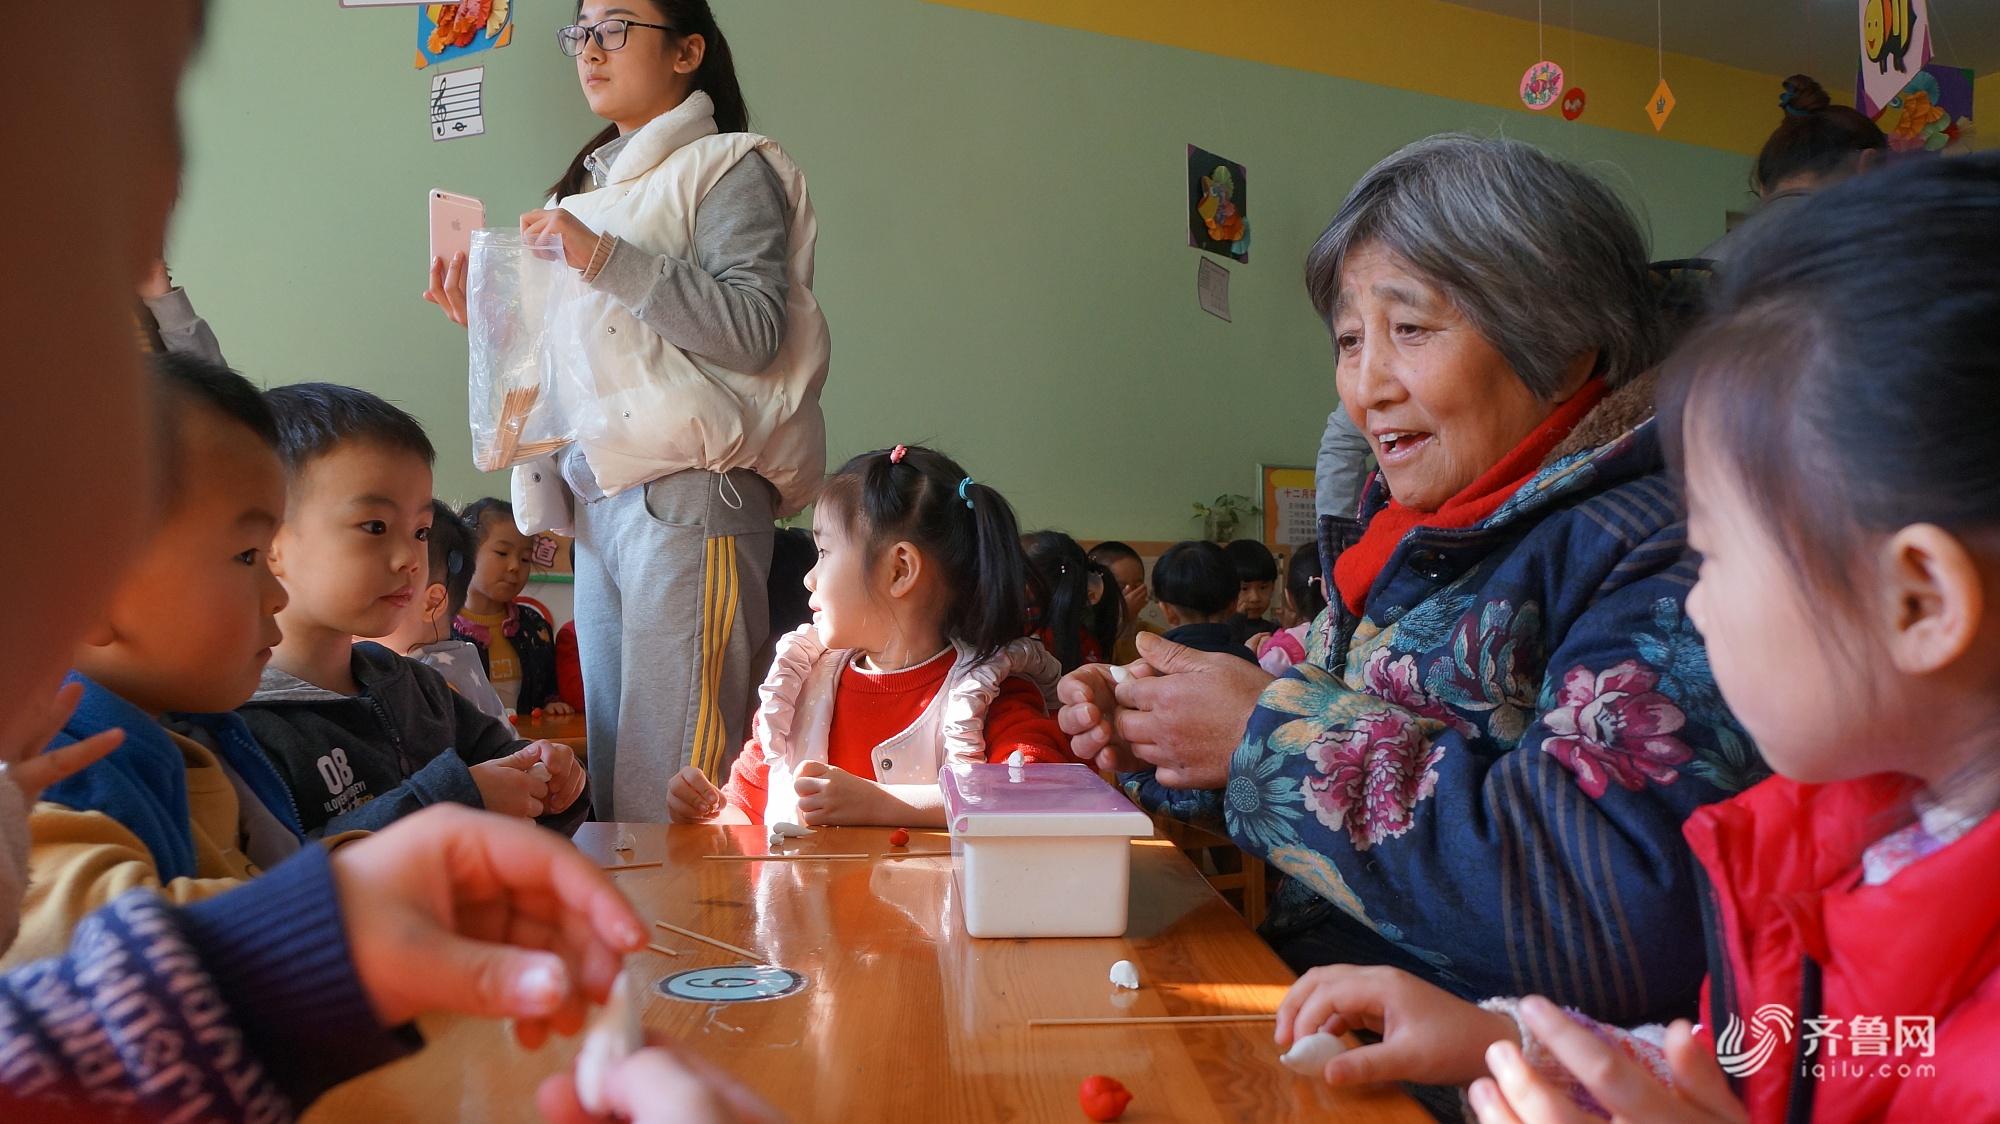 济南七旬老人传承面塑文化40年 培养徒弟上千人